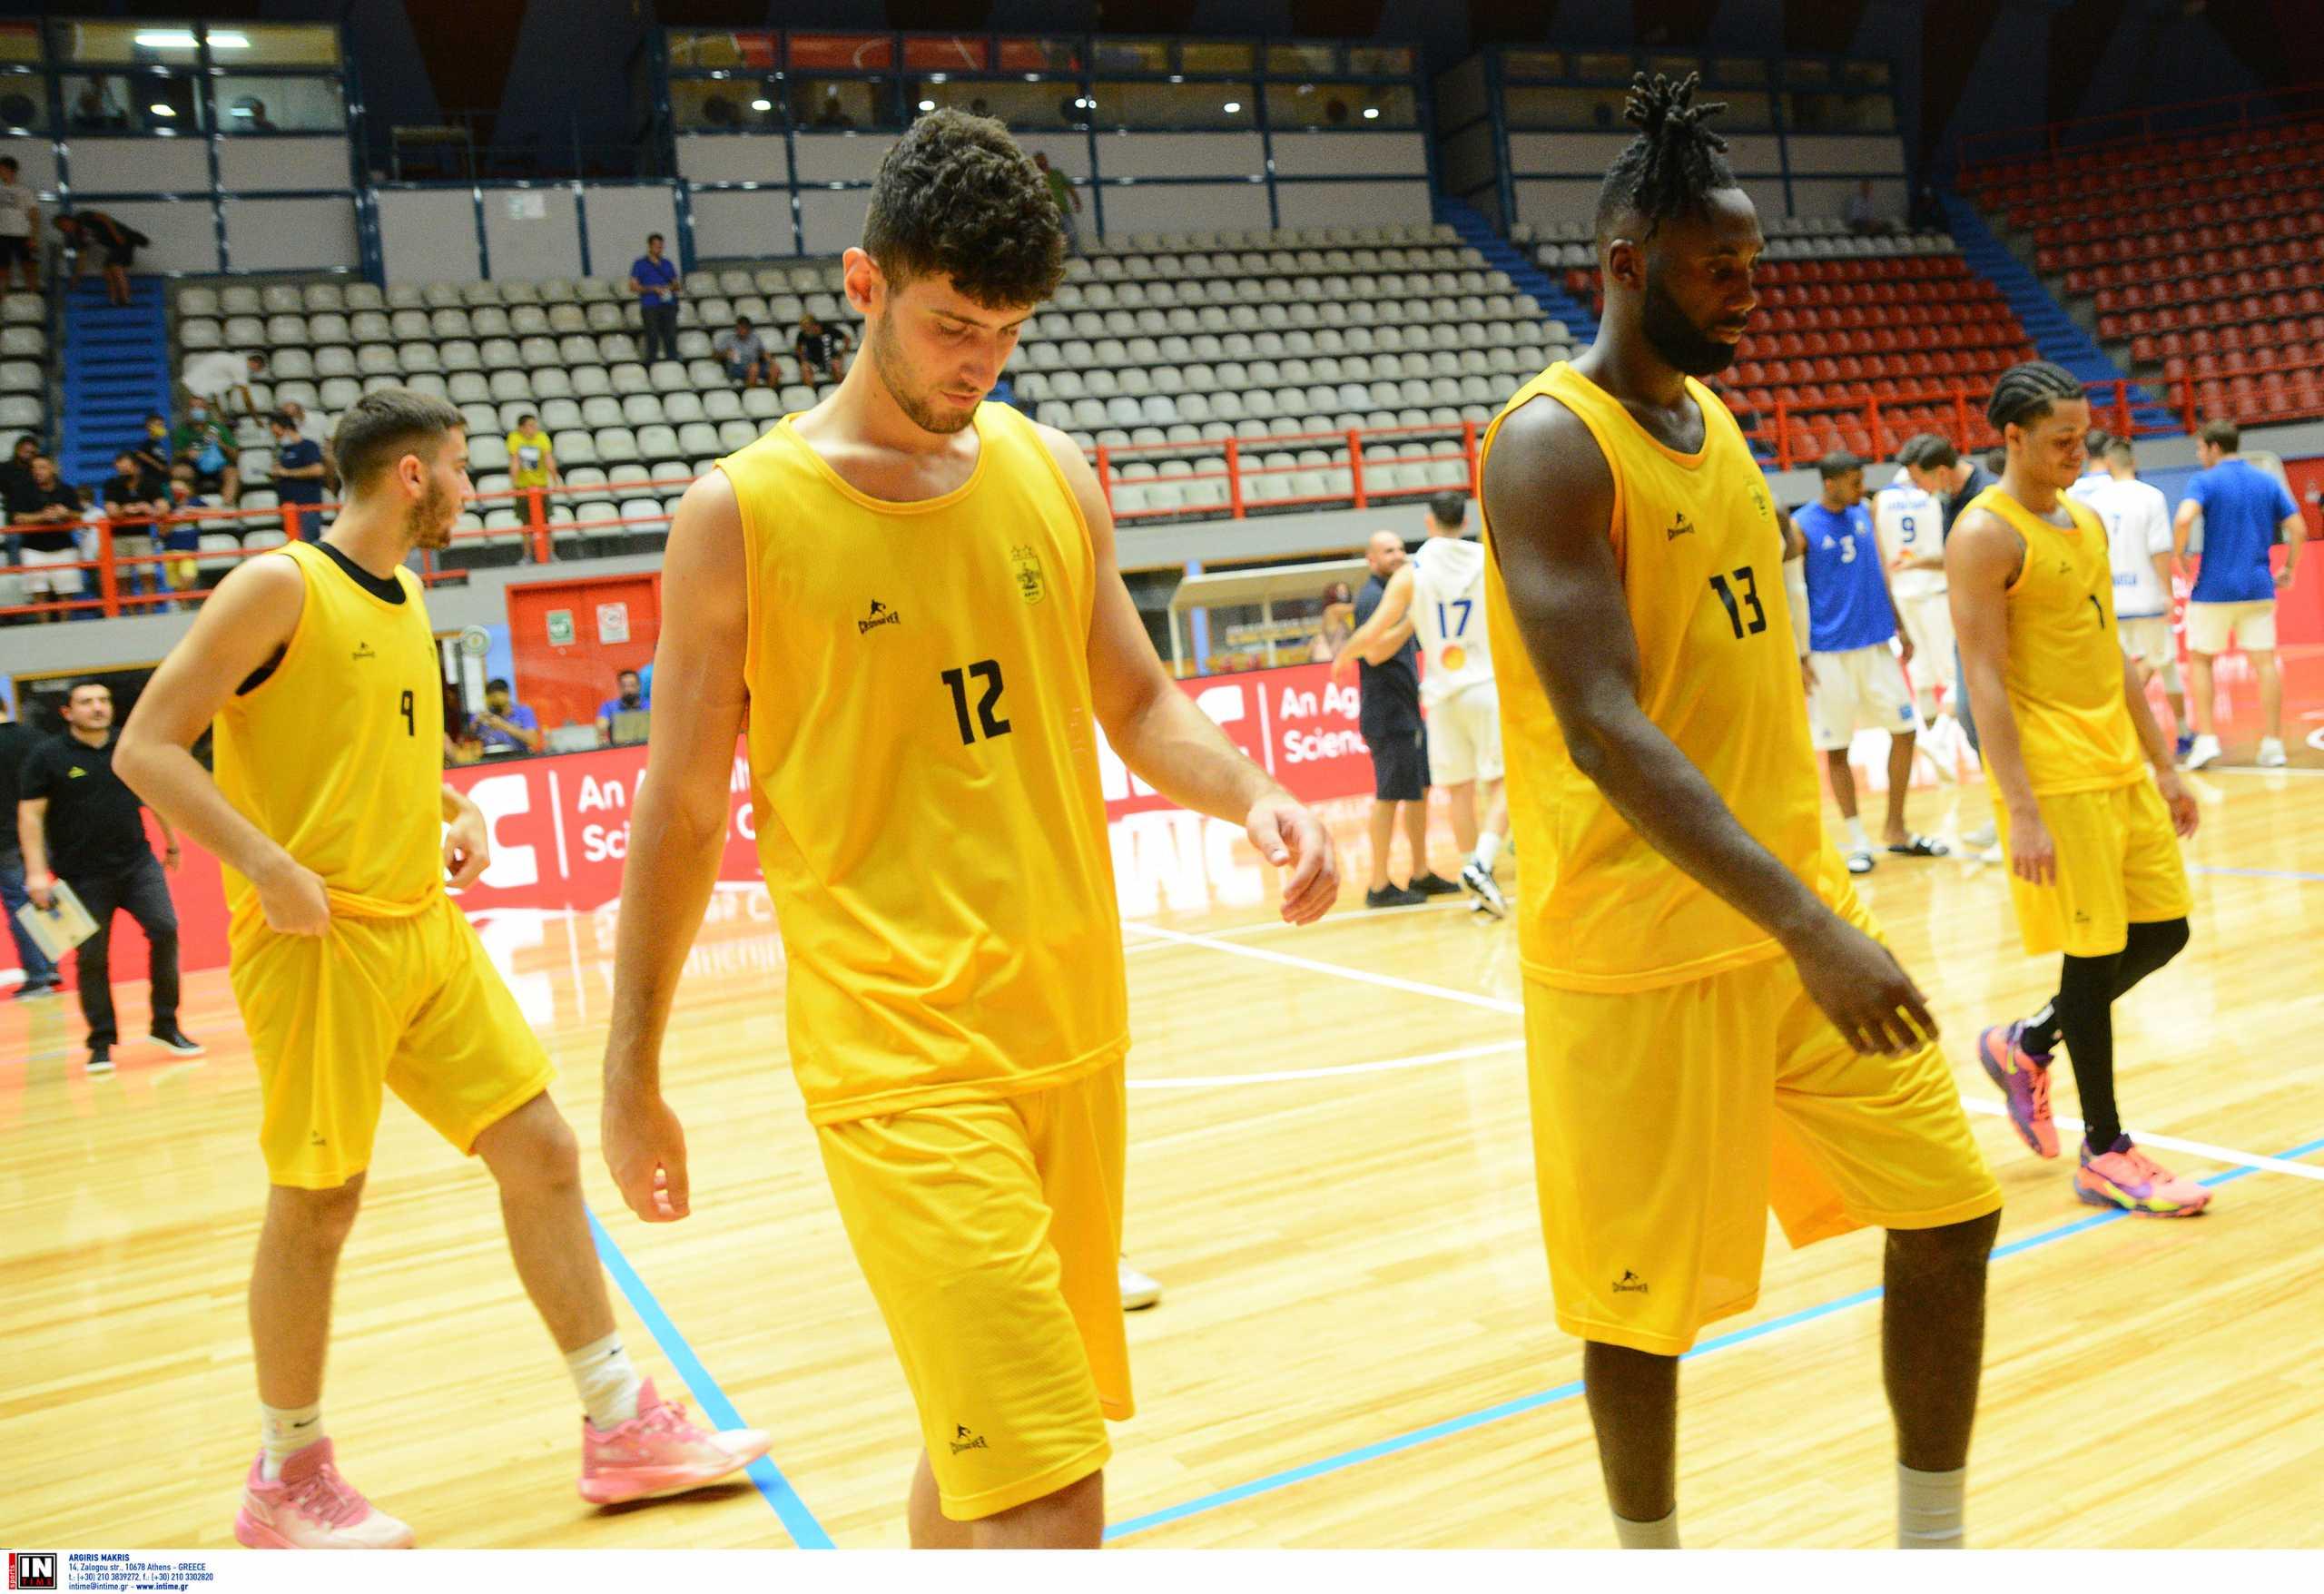 Λάρισα – Άρης 68-67: Αποκλεισμός για τους «κίτρινους» στο Κύπελλο Ελλάδας με «θρίλερ» στο φινάλε